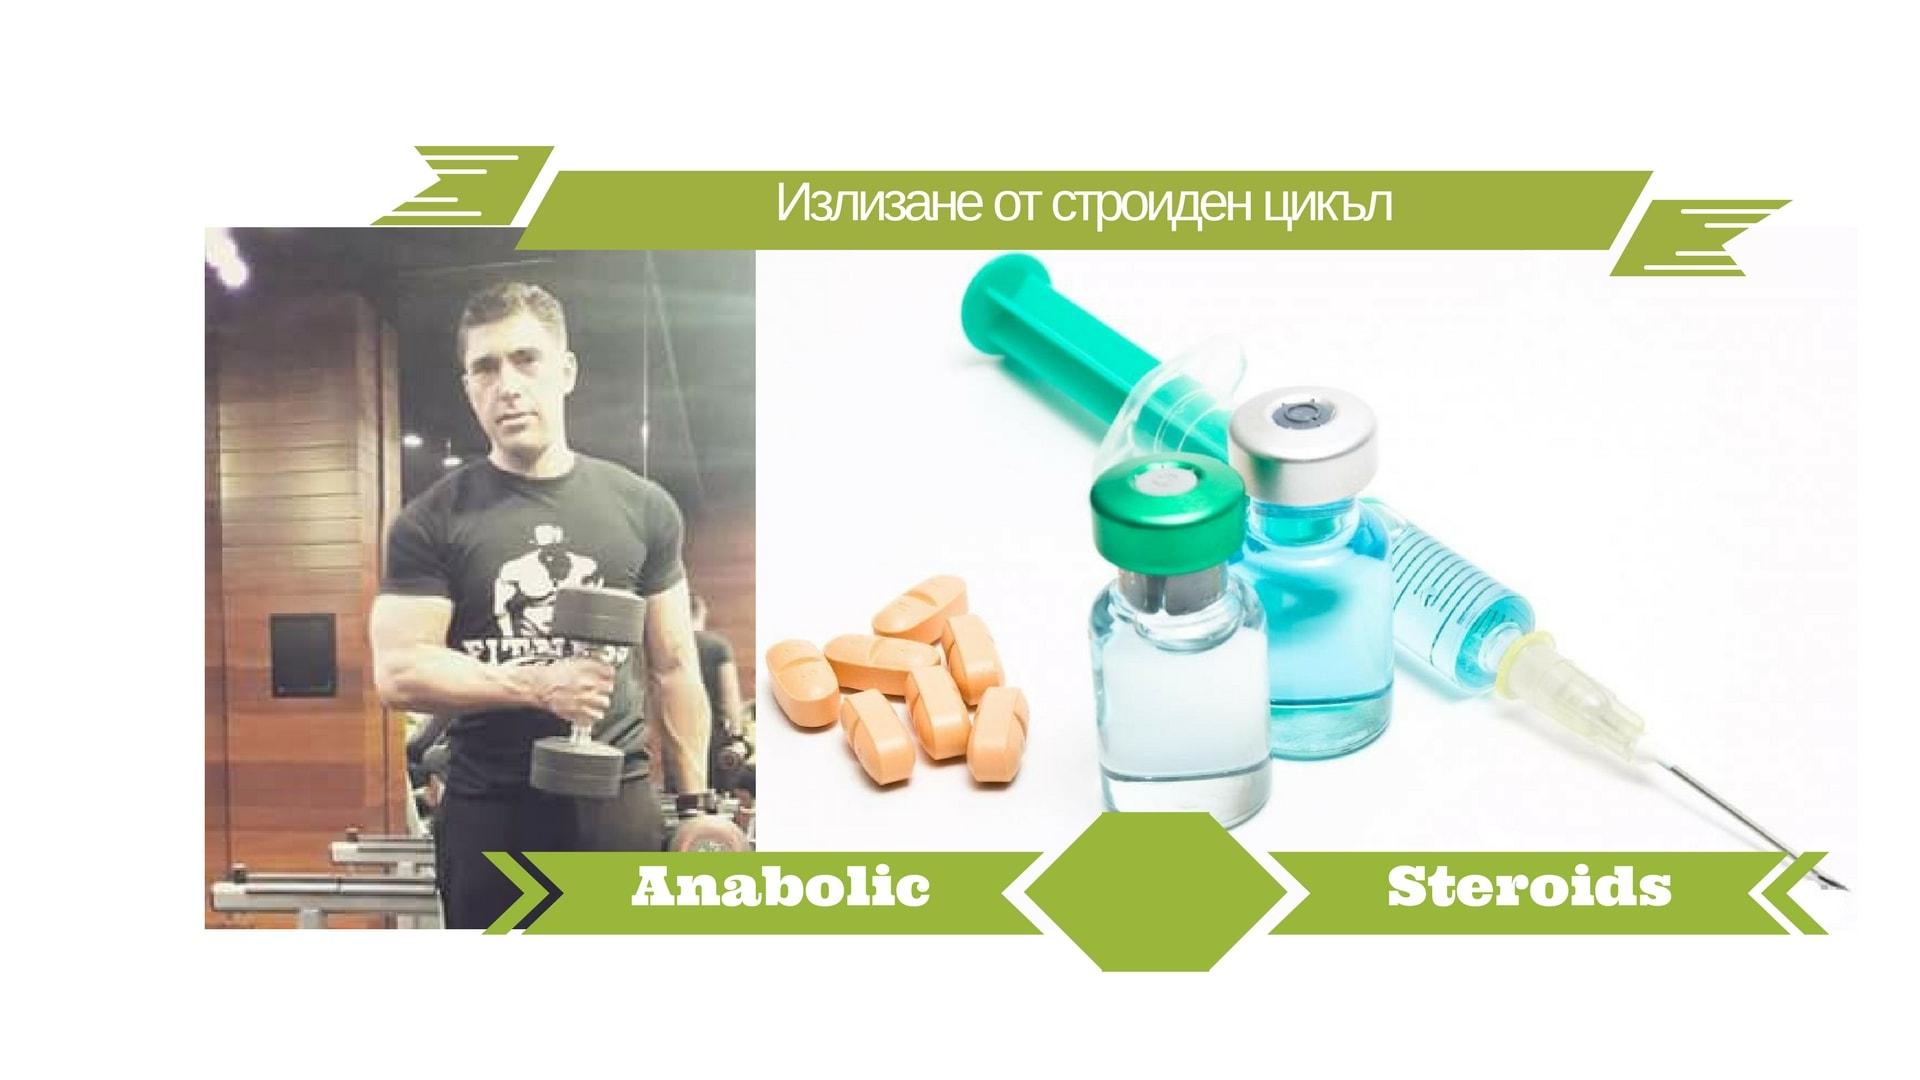 Излизане от стероиден цикъл